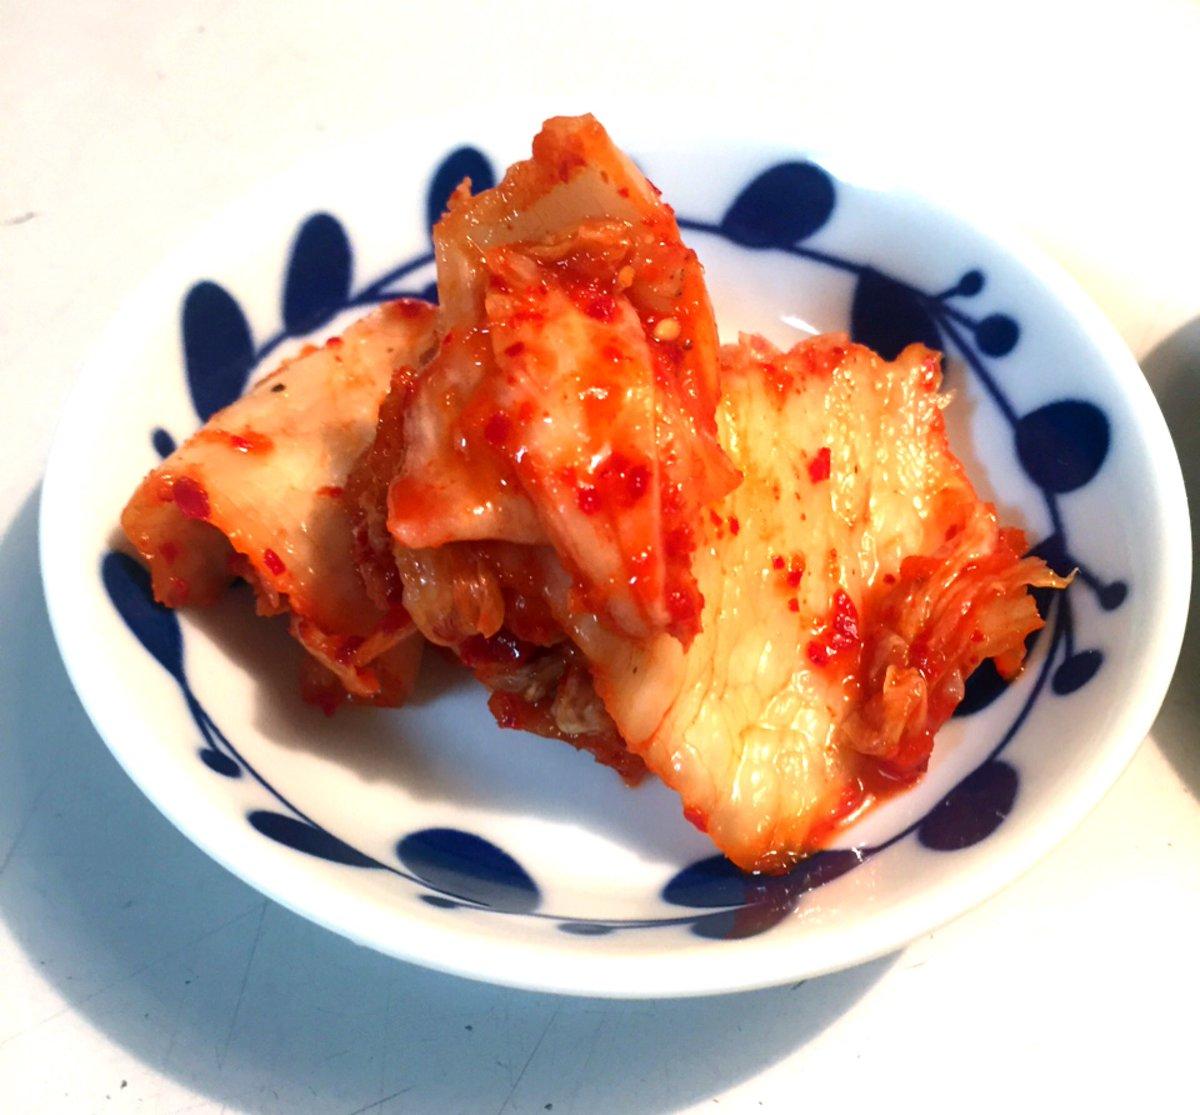 test ツイッターメディア - 今日の夜ご飯 *酢鶏 鳥もも肉、ズッキーニ、パプリカ、ベビーコーン、玉葱、椎茸 *小松菜のお浸し *キムチ *ご飯120g 計577kcal 酢豚じゃなくて酢鶏にしてみたよ鶏肉柔らかくて美味しかったケチャップの甘酸っぱさが食欲そそりましたゴチゴチ❣️ 小皿 #ダイソー https://t.co/2Lw5dhxq4E